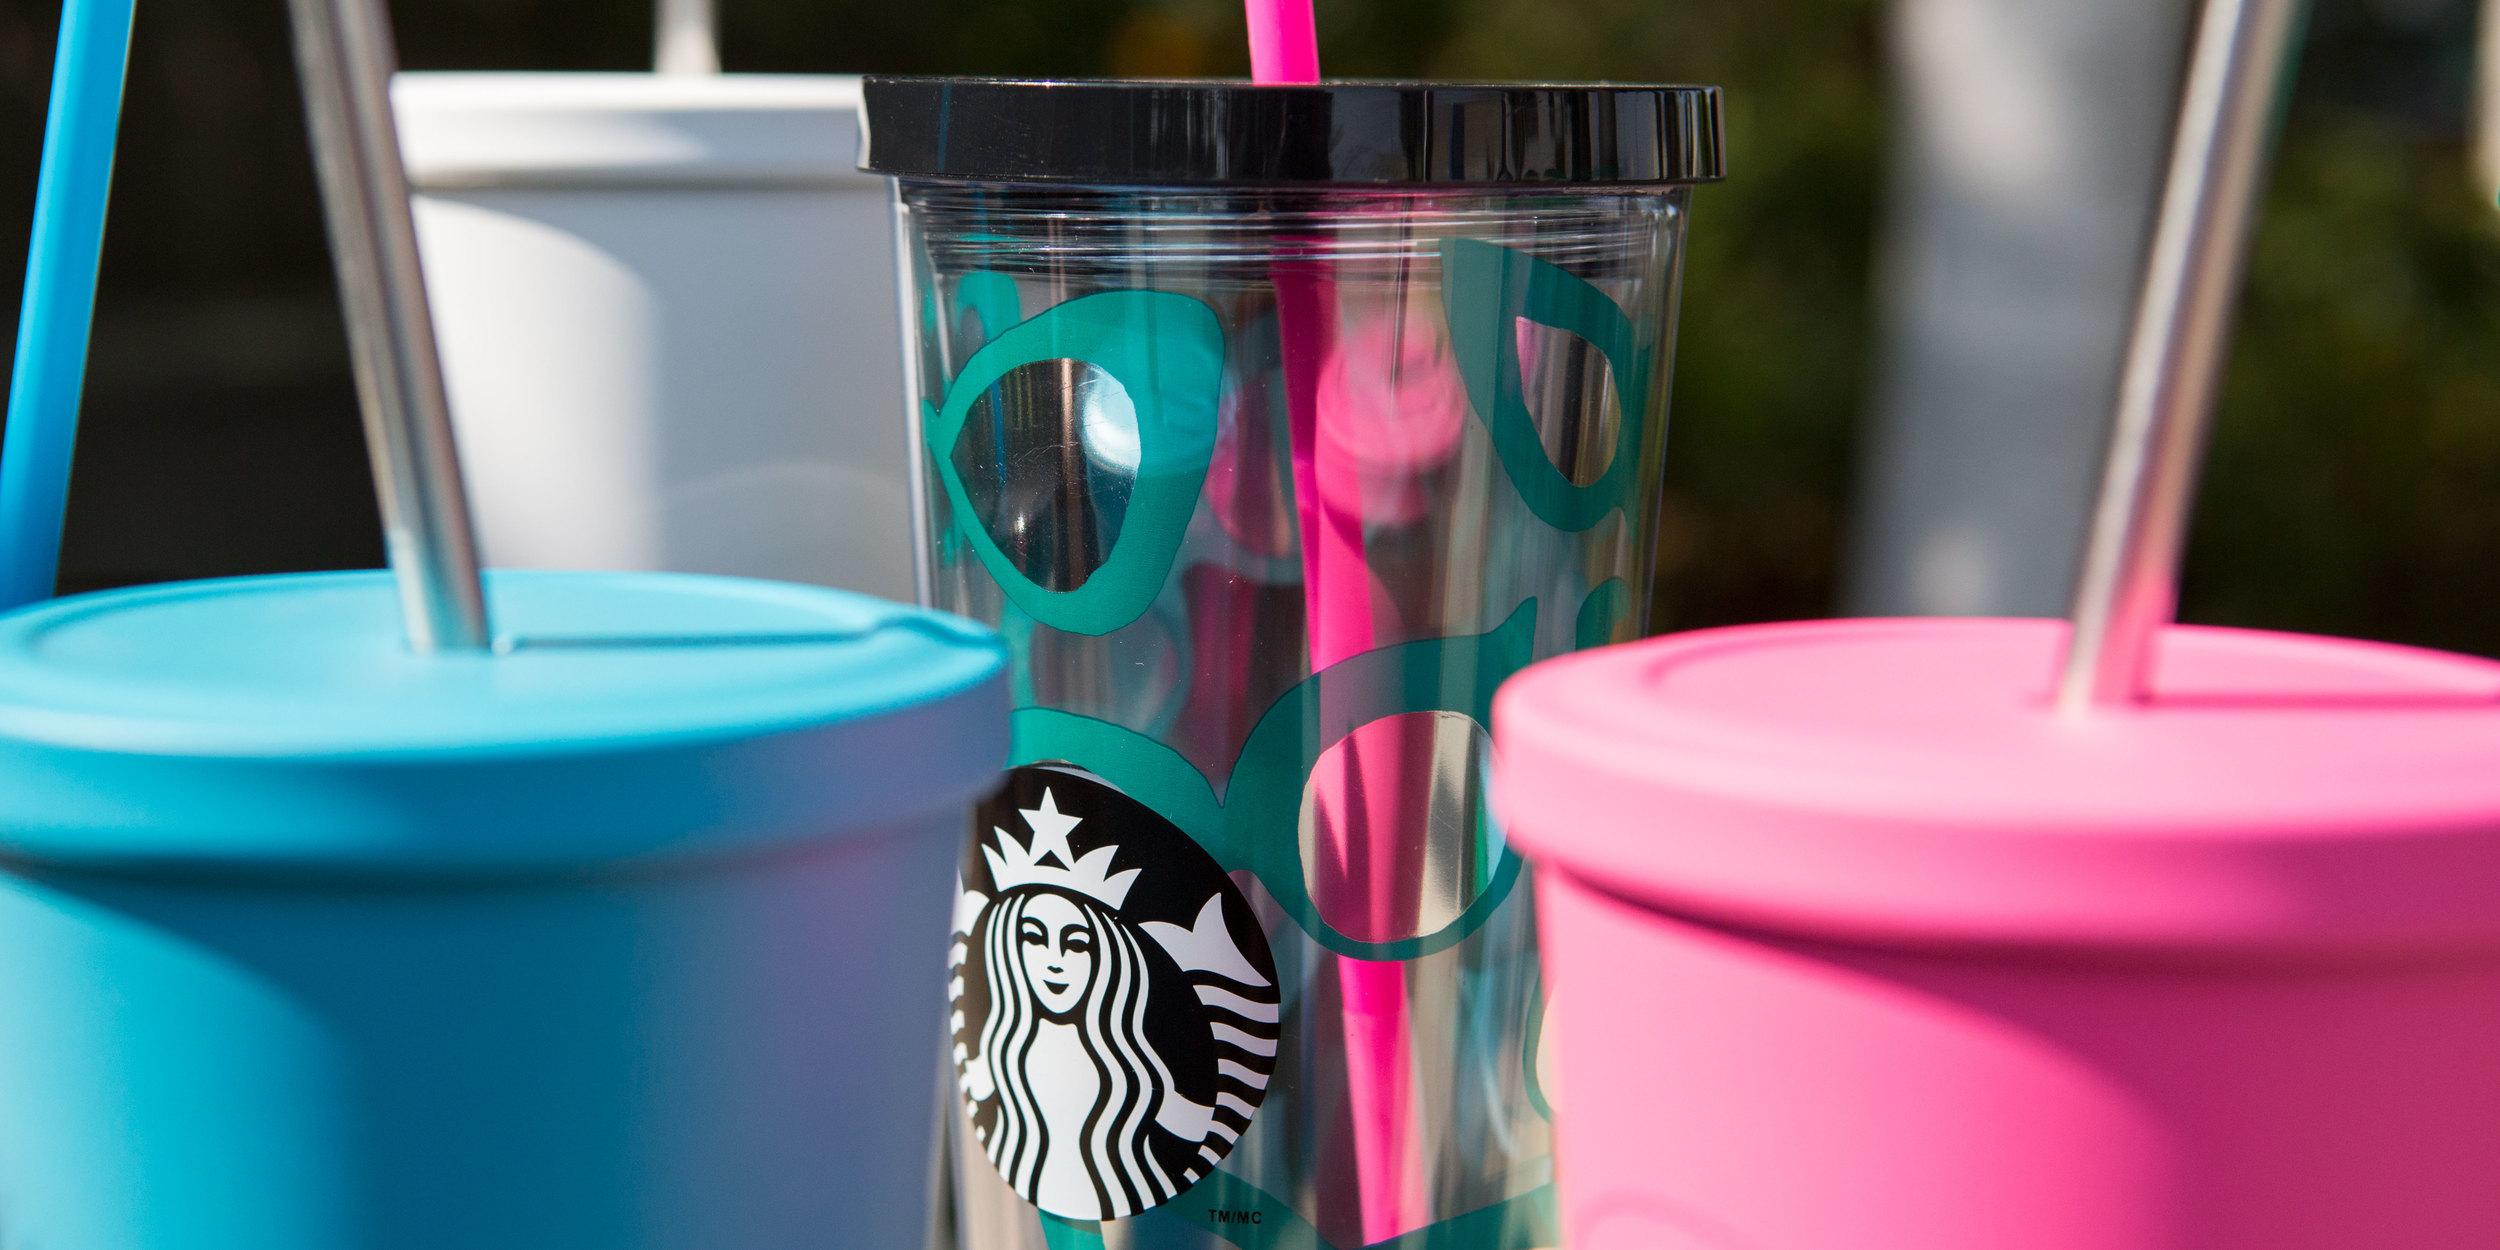 Starbucks verano 2015